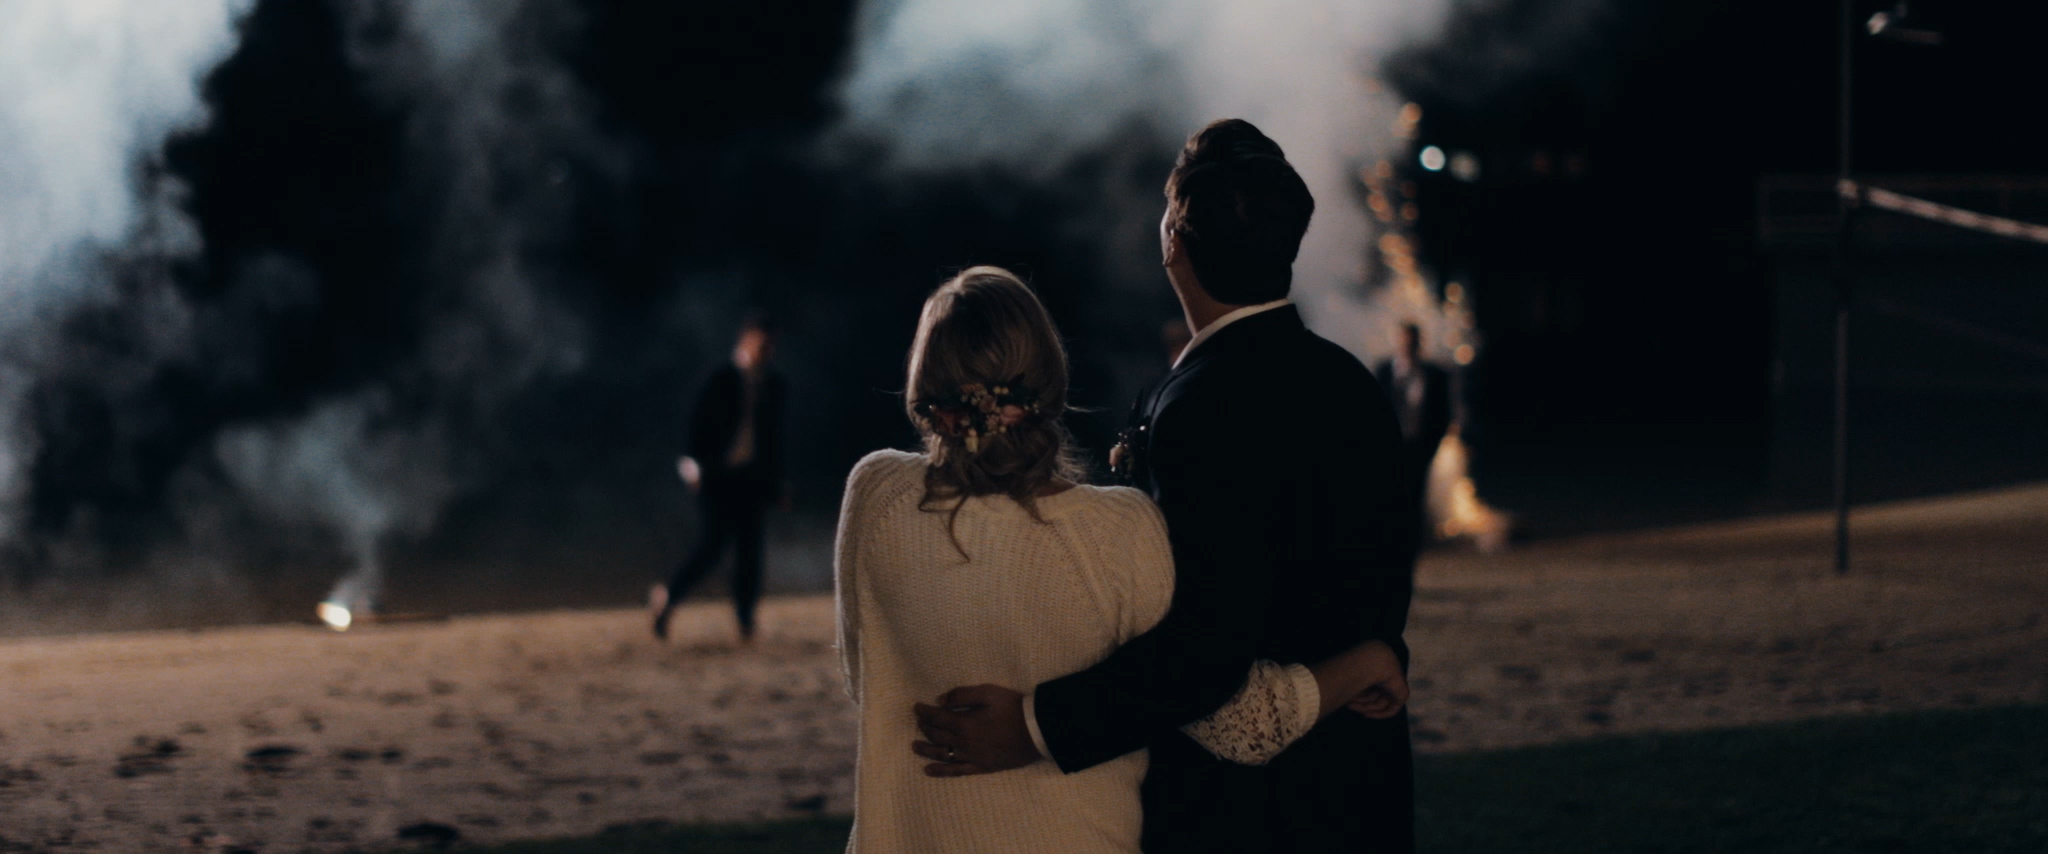 HAVENS_Wedding_Film.00_07_34_04.Still087.jpg